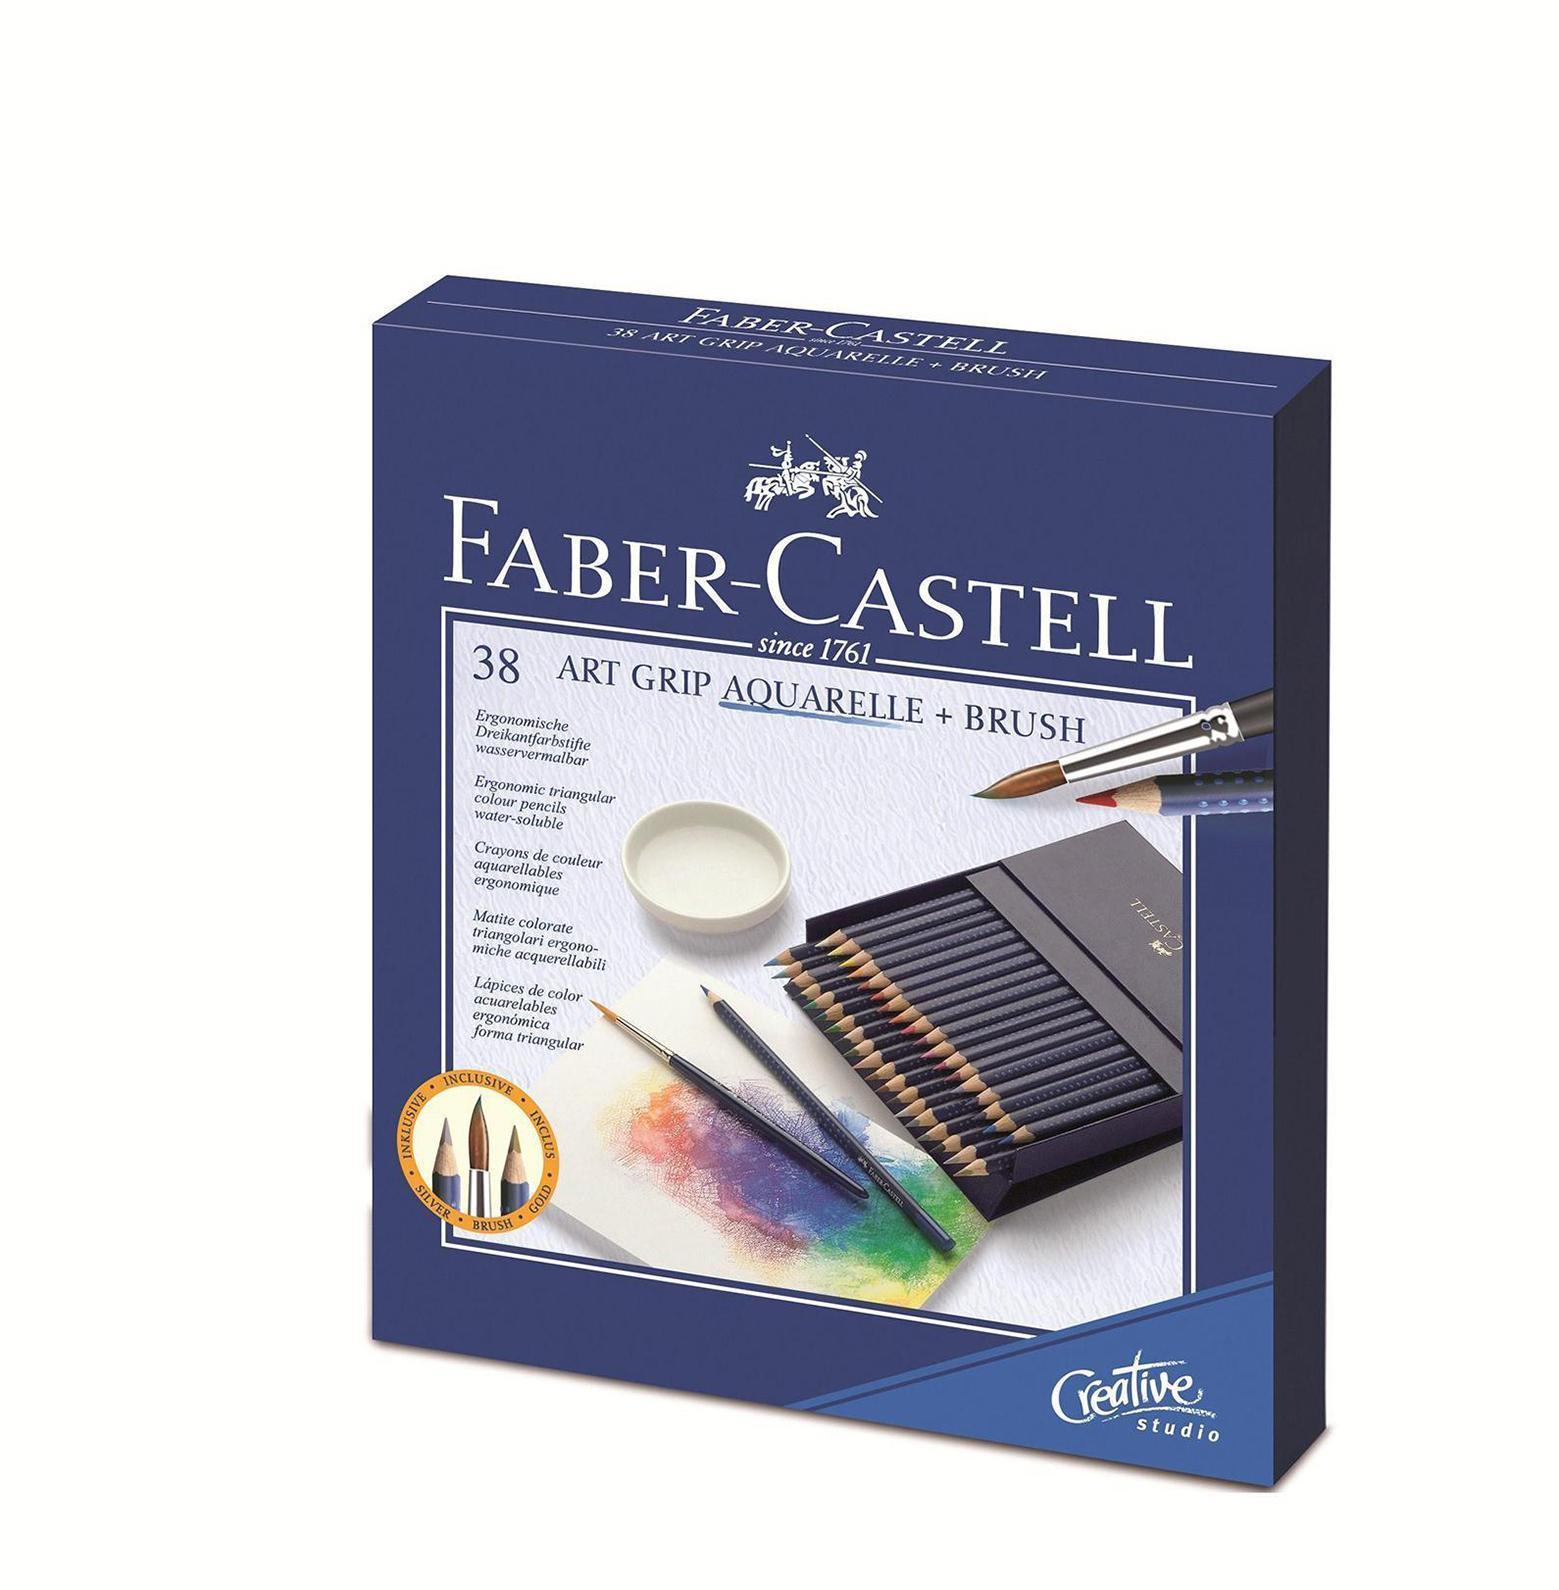 Акварельные карандаши ART GRIP AQUARELLE с кисточкой, набор цветов, в студийной (кожзам) коробке , 38 шт.72523WDВид карандаша: Акварельный.Материал: дерево.